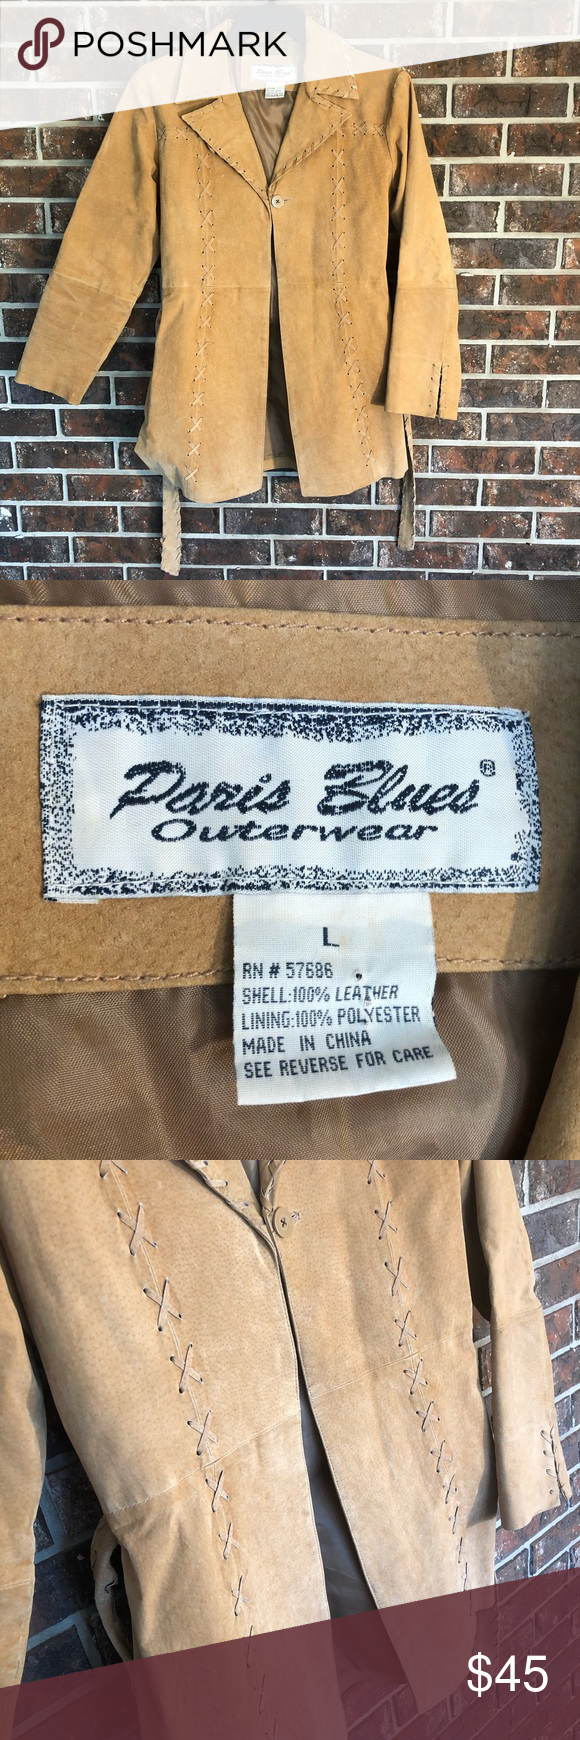 Paris Blues Outerwear Leather Jacket Paris Blues Blue Outerwear Leather Jacket [ 1740 x 580 Pixel ]